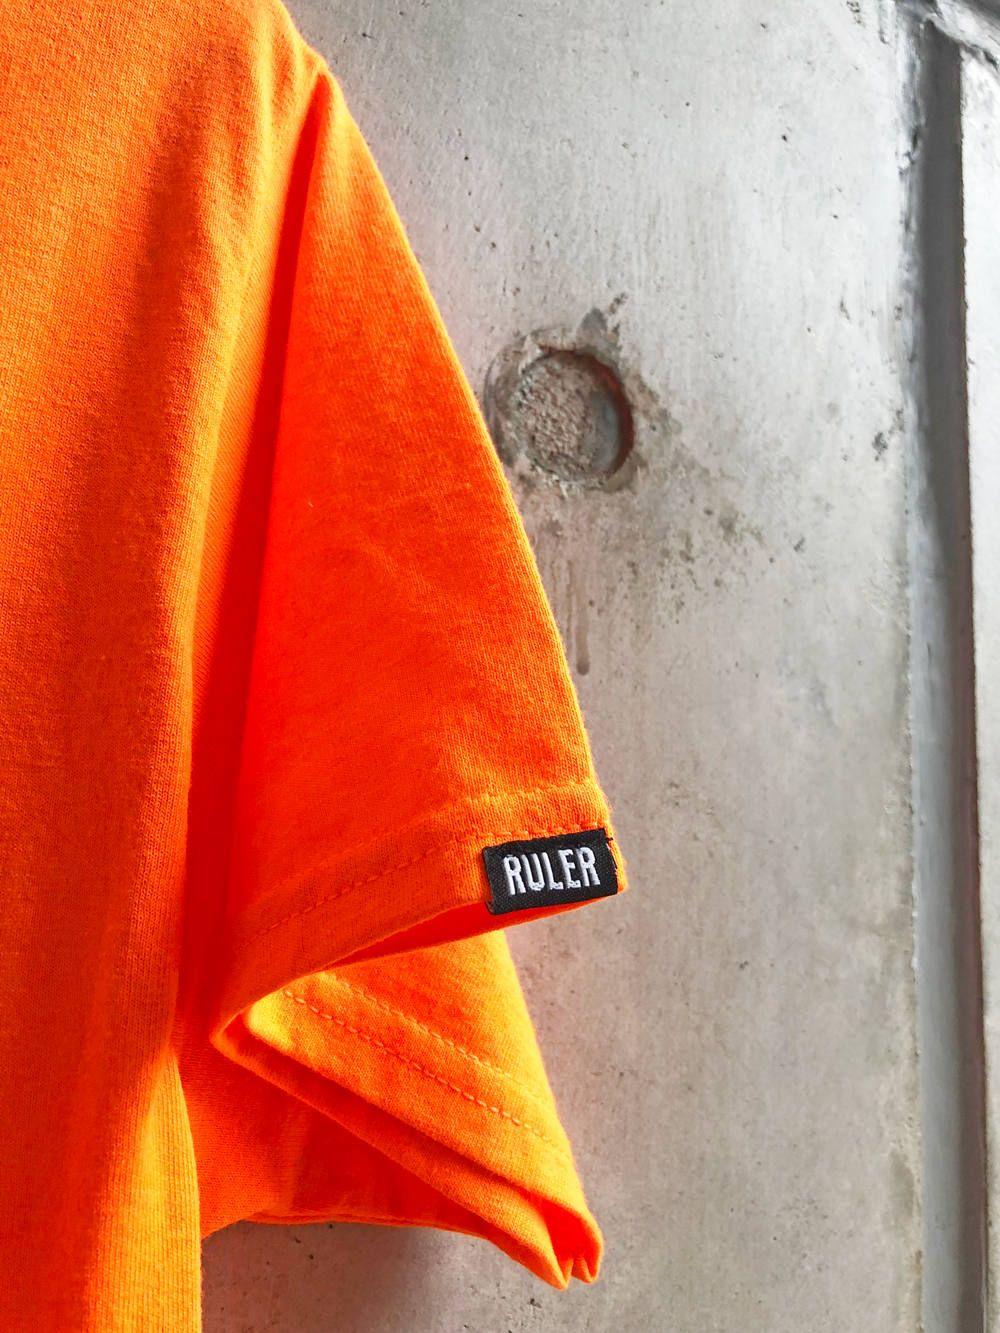 アイコンTシャツ (オレンジ) / ICON TEE (ORANGE)このアイテムのタグキーワードこのアイテムを見ている人にオススメしたいアイテム